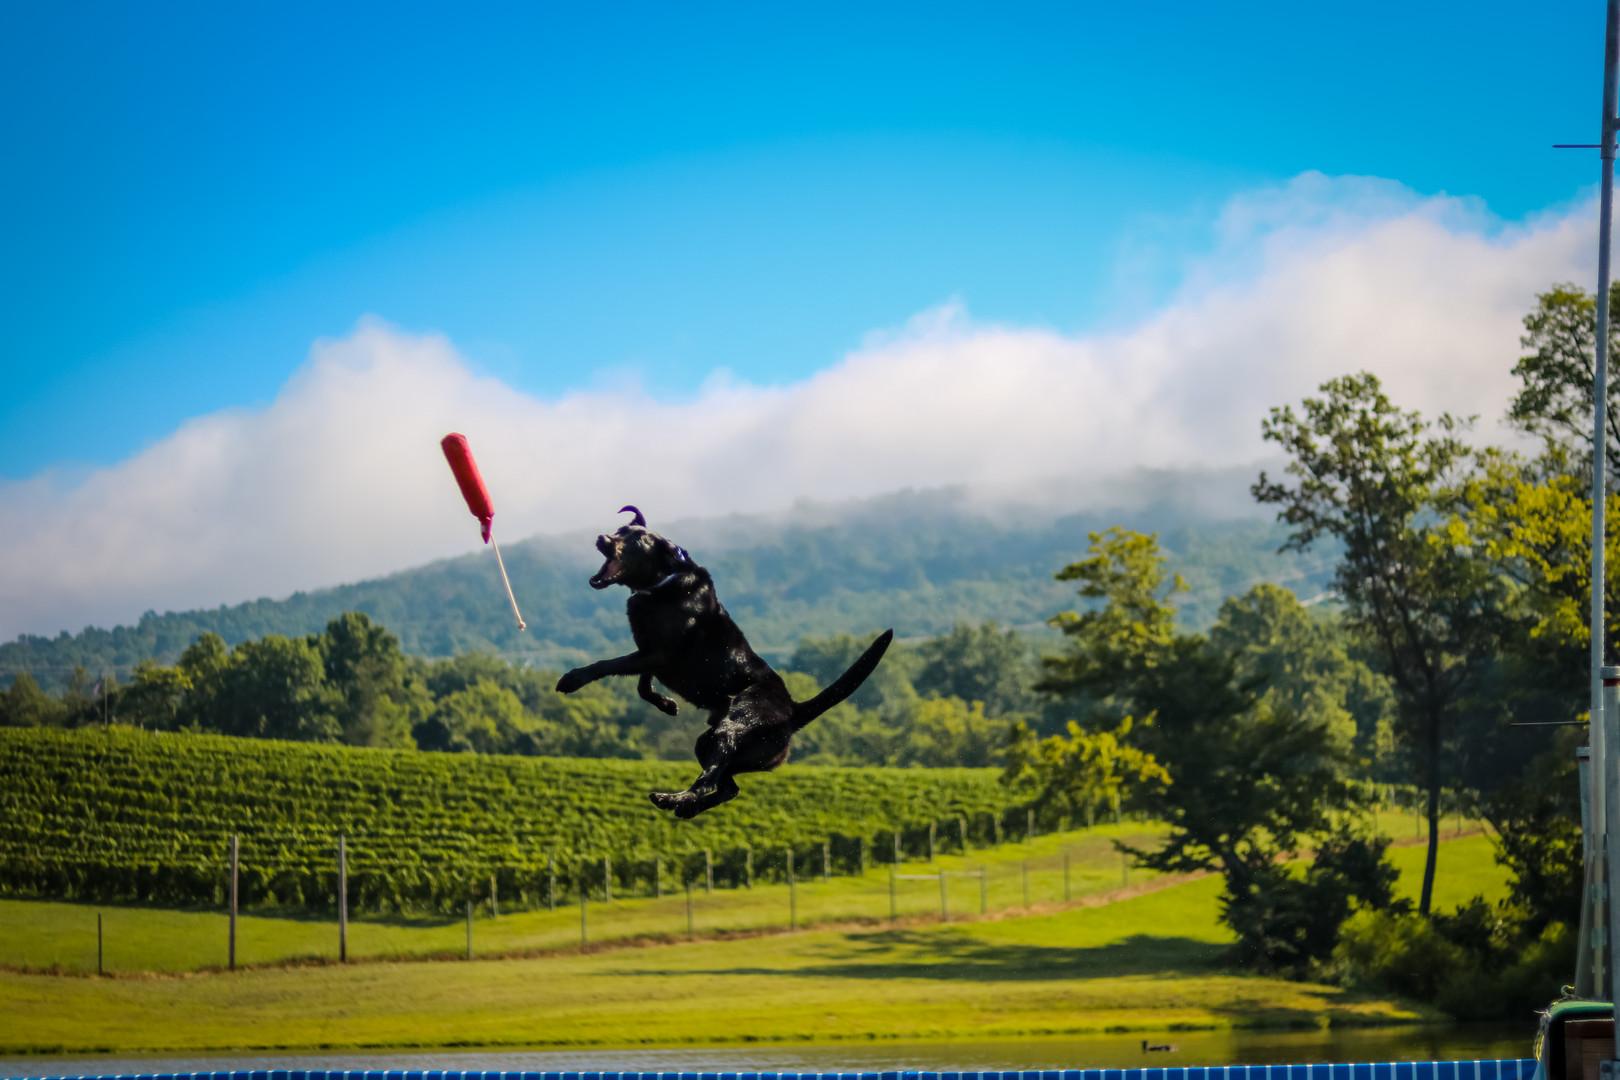 Jack Flies Among the Vines 2016.jpg